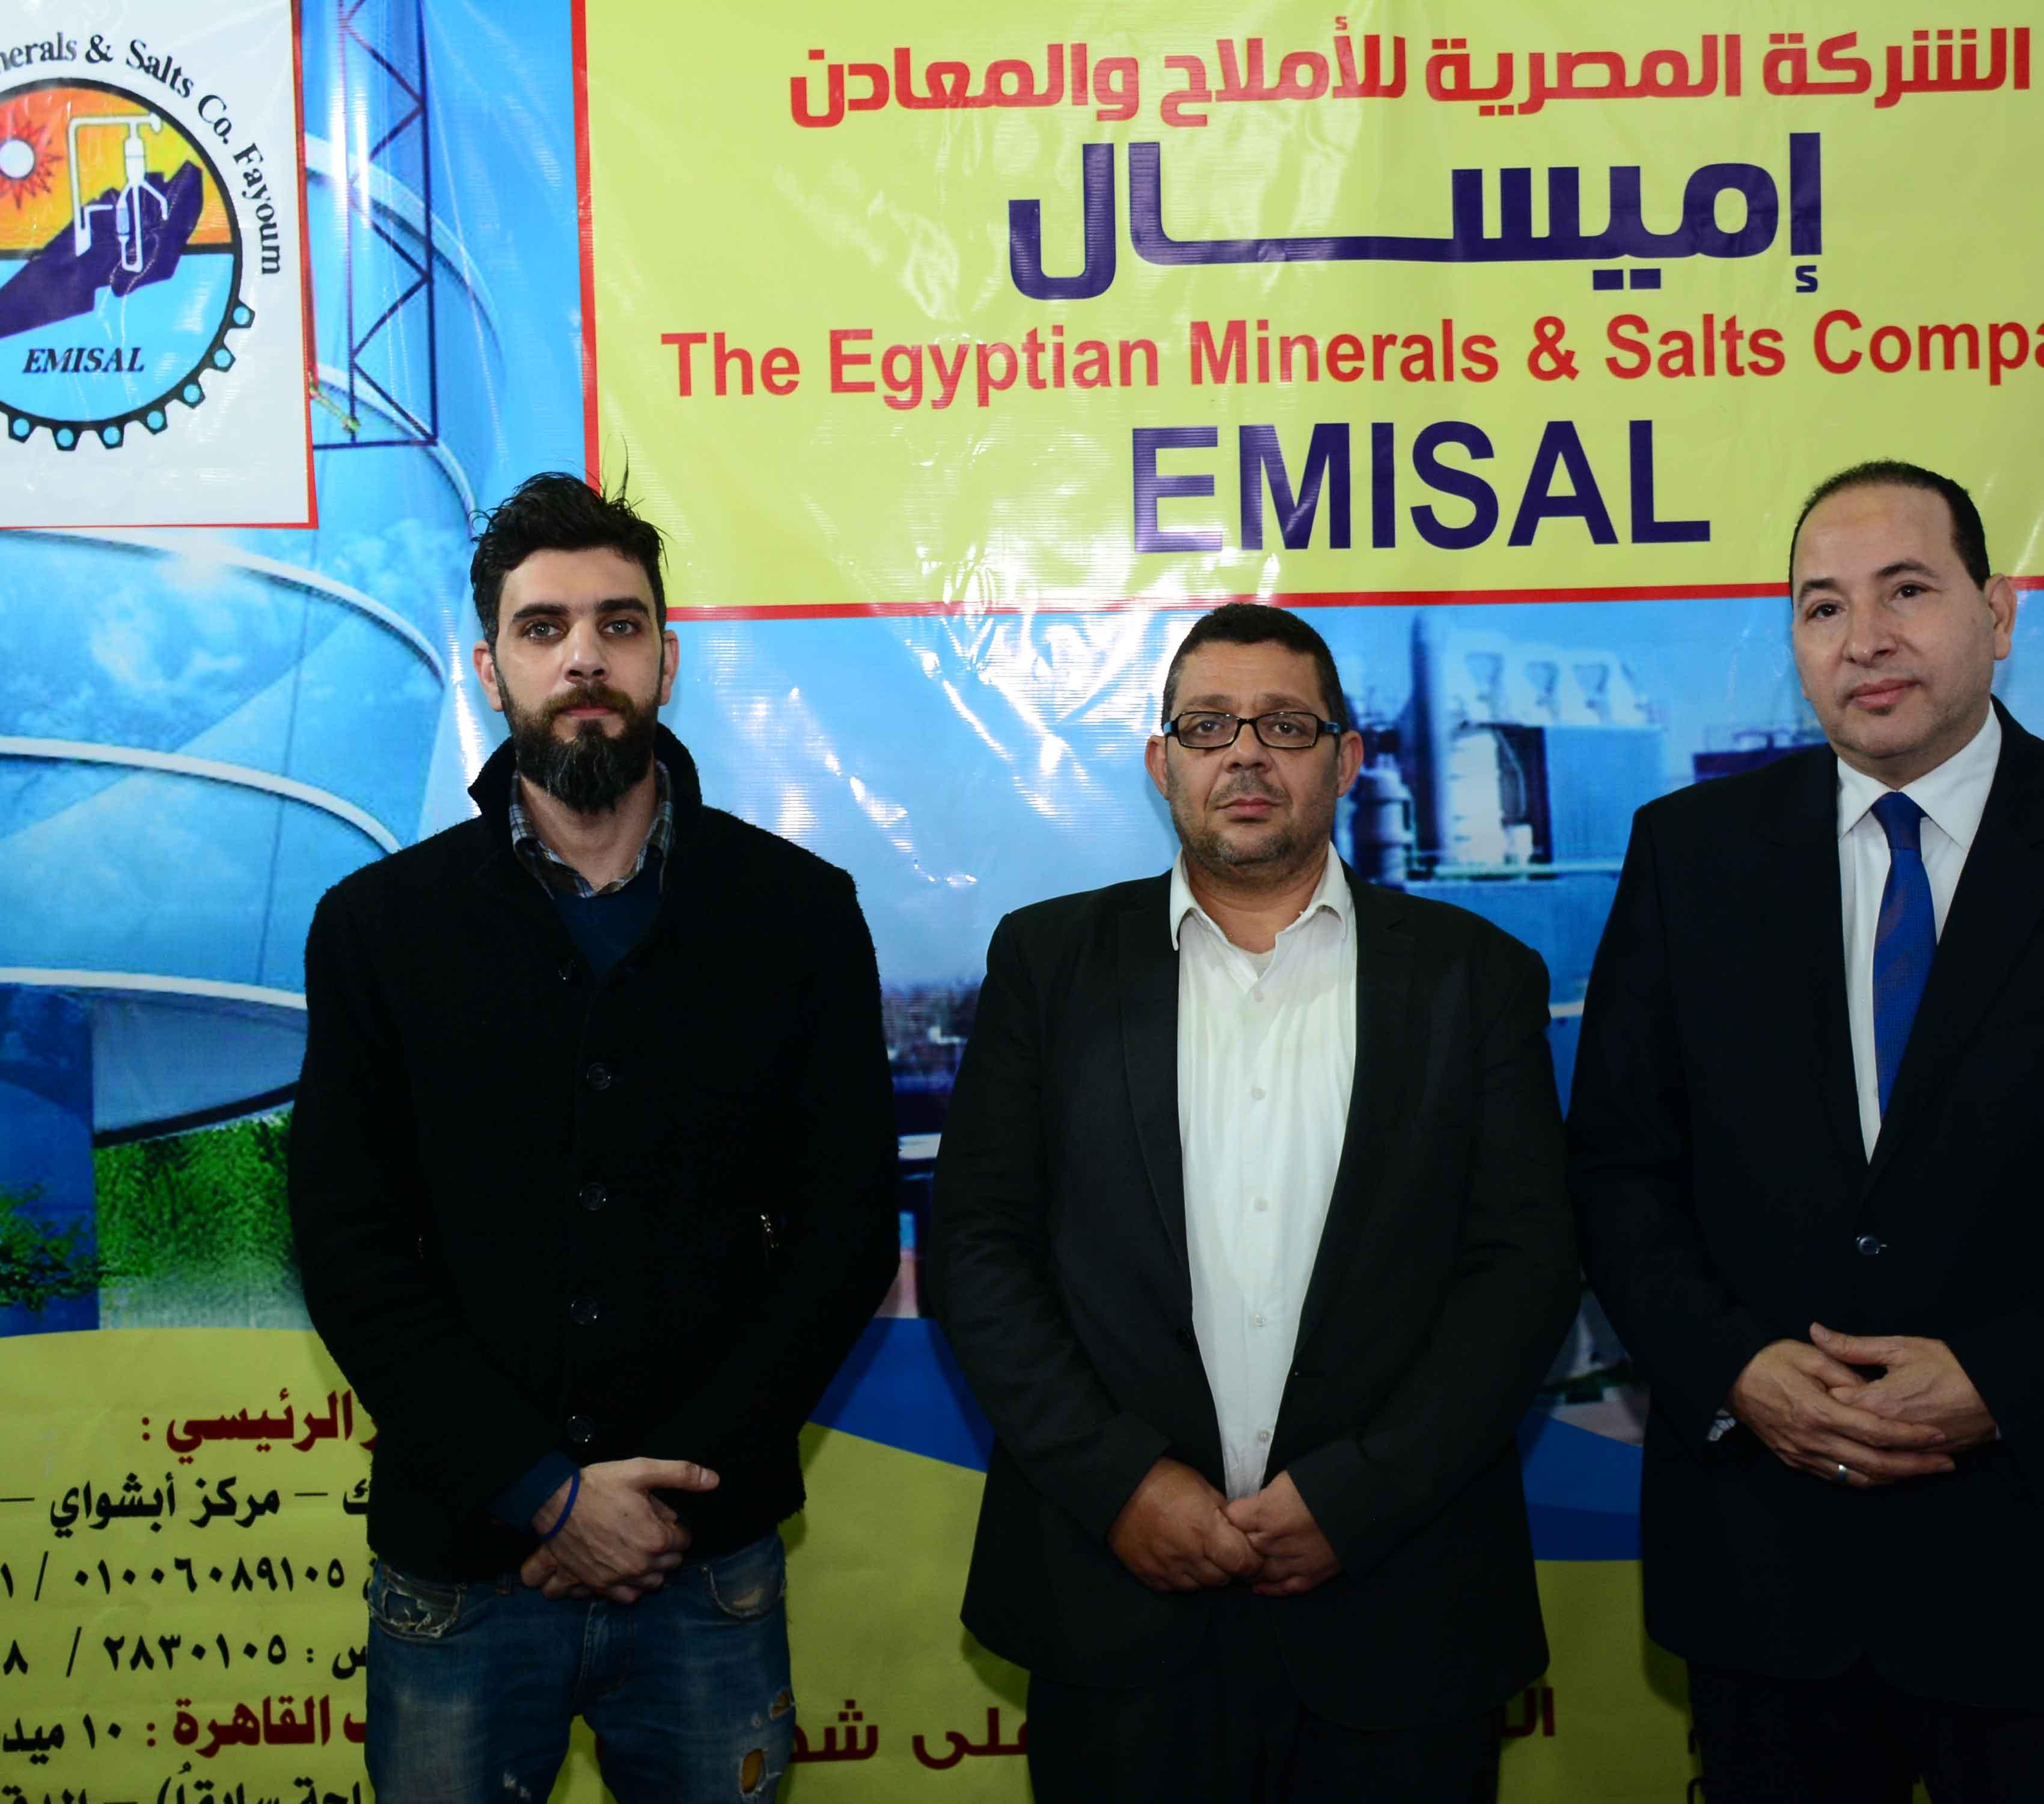 الشركة المصرية للأملاح والمعادن بالفيوم (ايميسال)